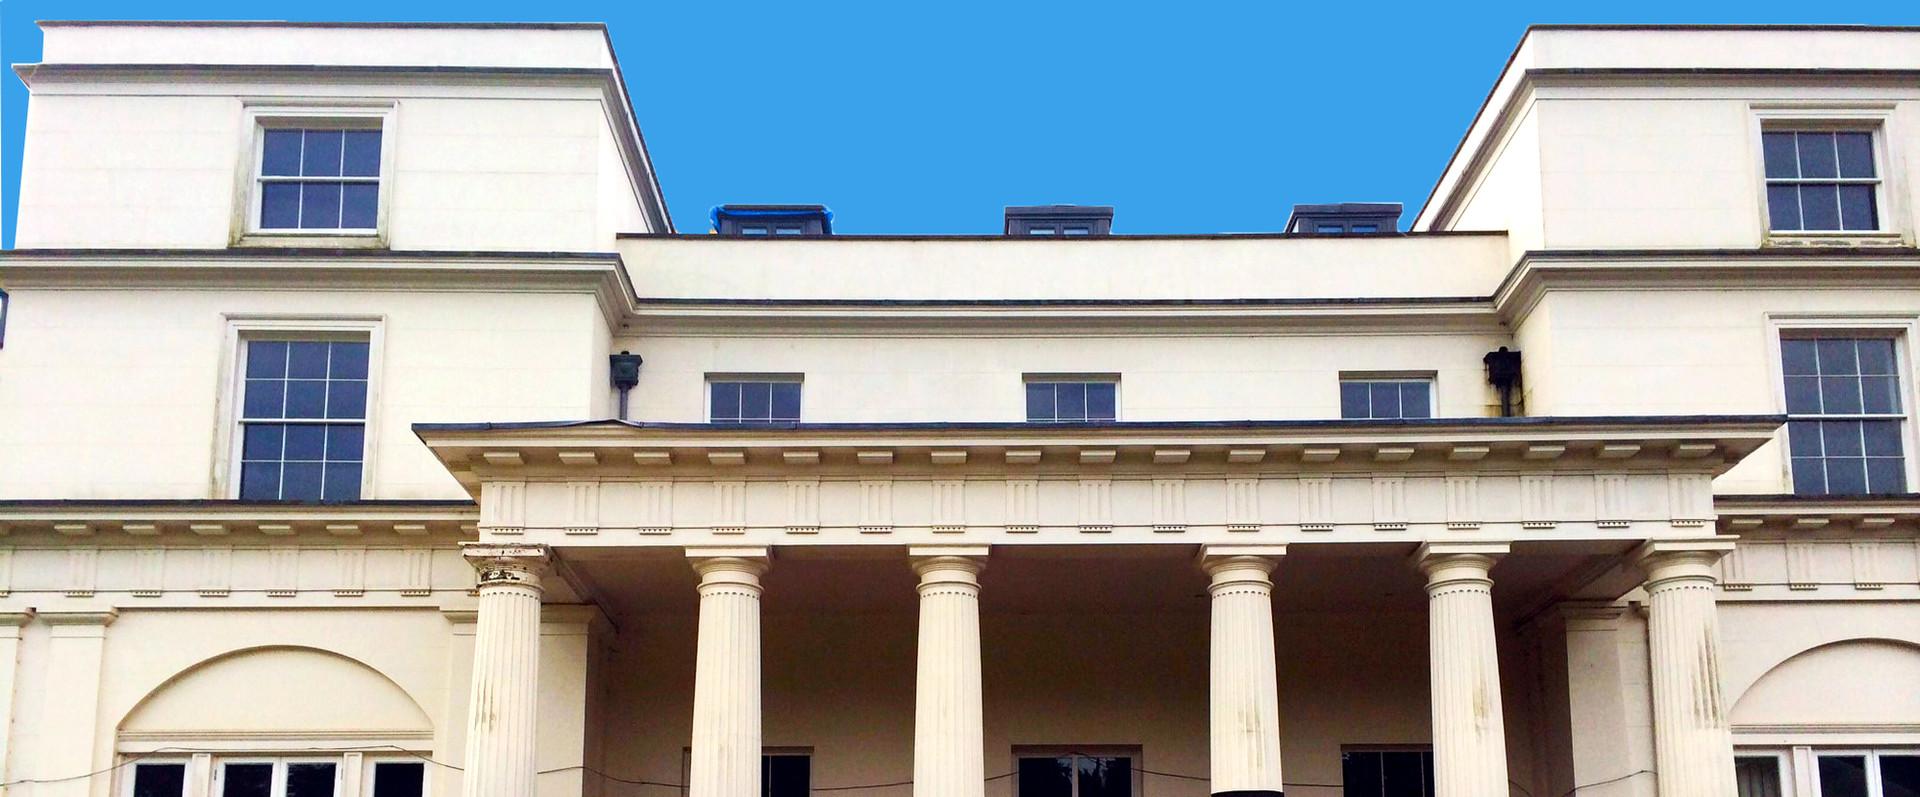 Facade Main Entrance